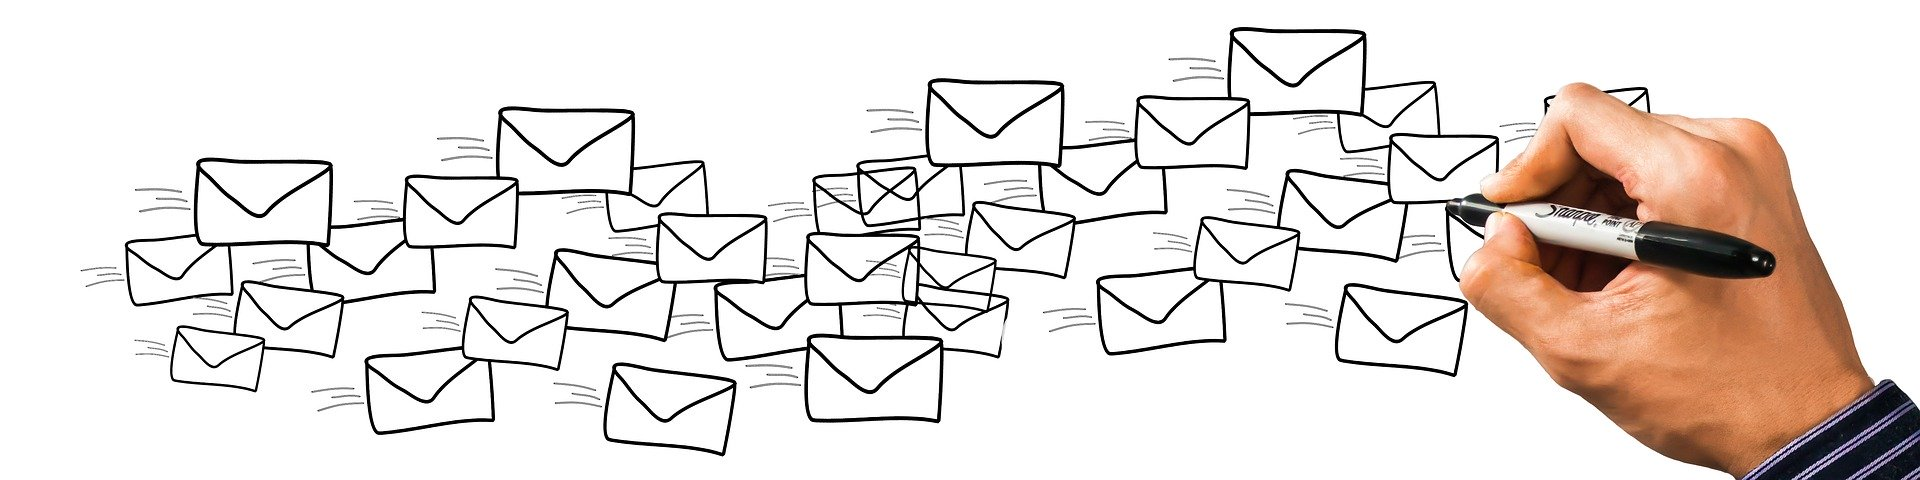 E-Mail Liste reaktivieren – Keine Panik!